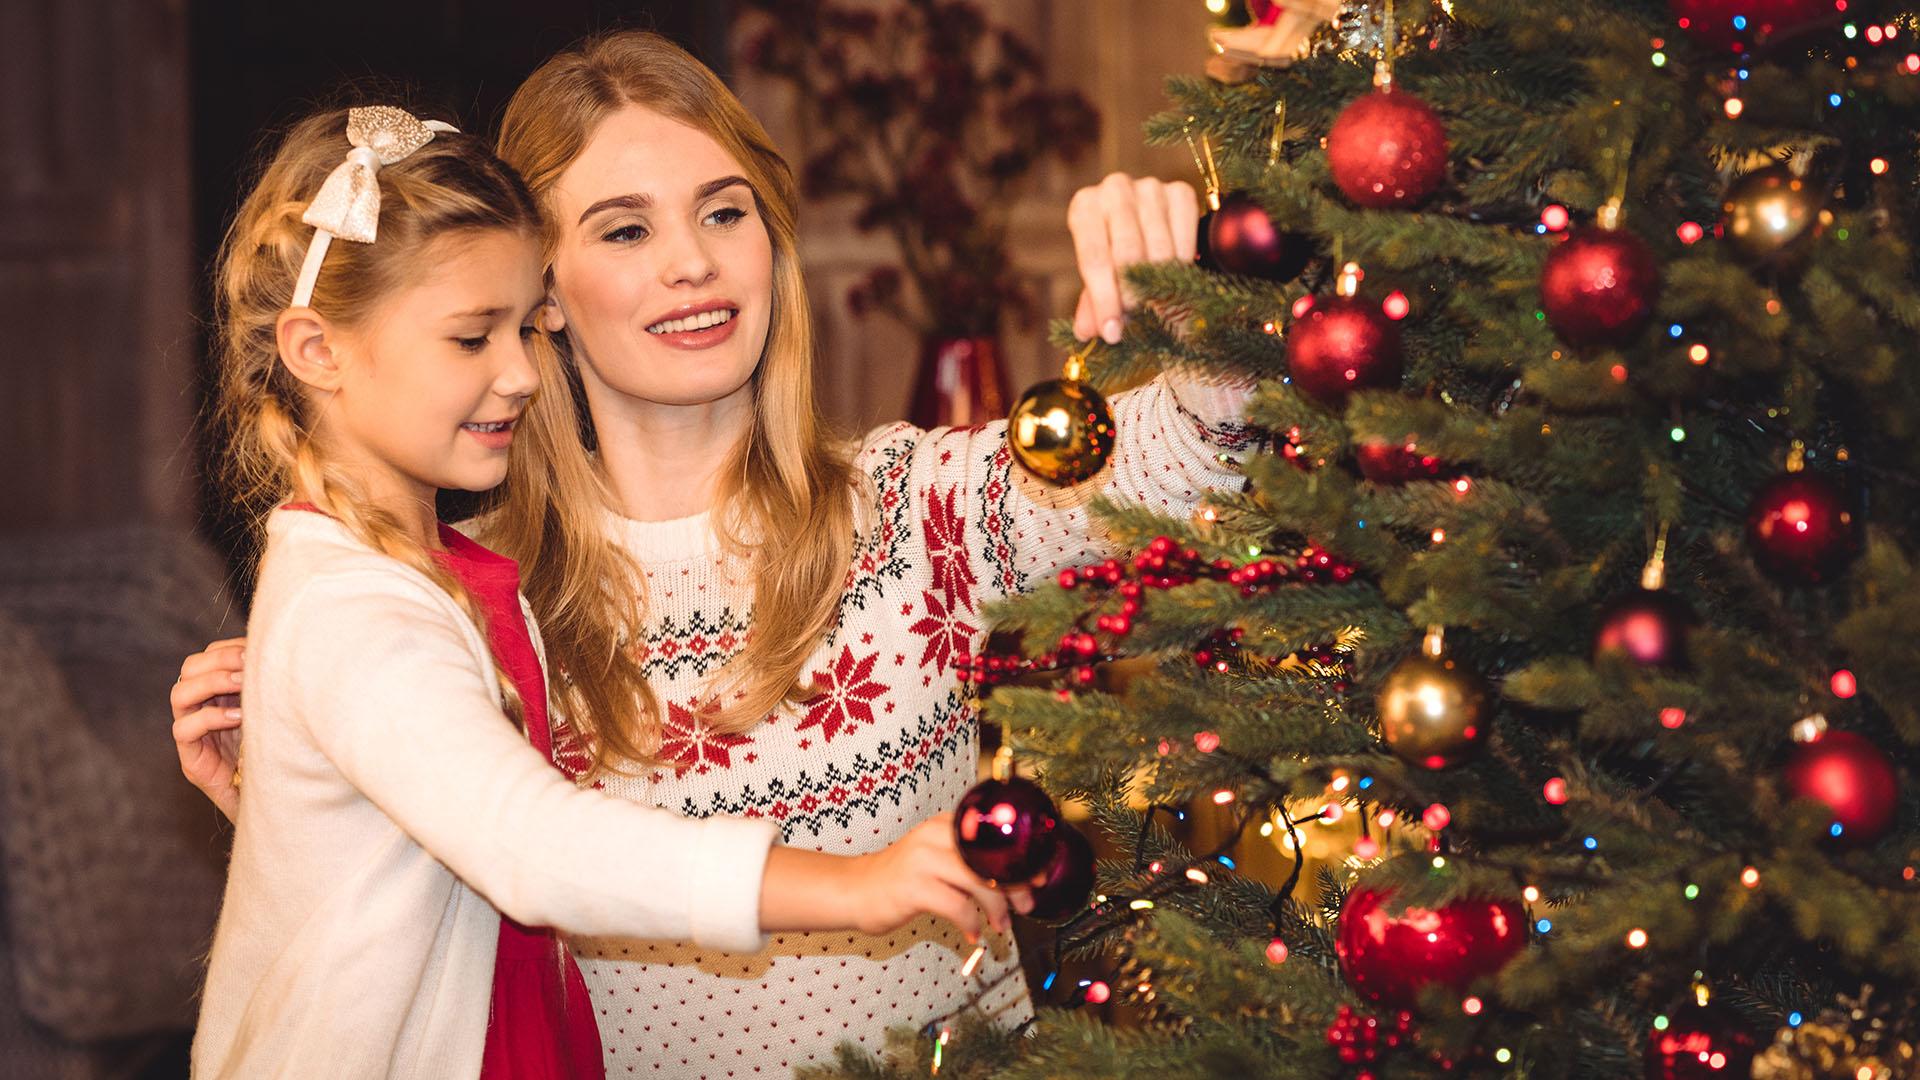 Правительству предложили продлить до 24 января новогодние каникулы